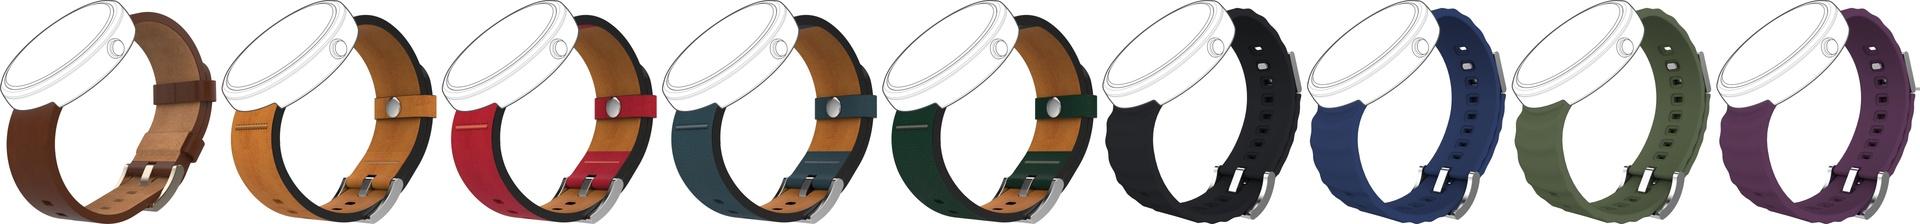 Neue Armbänder aus Leder und Silikon von DODOcase und TYLT